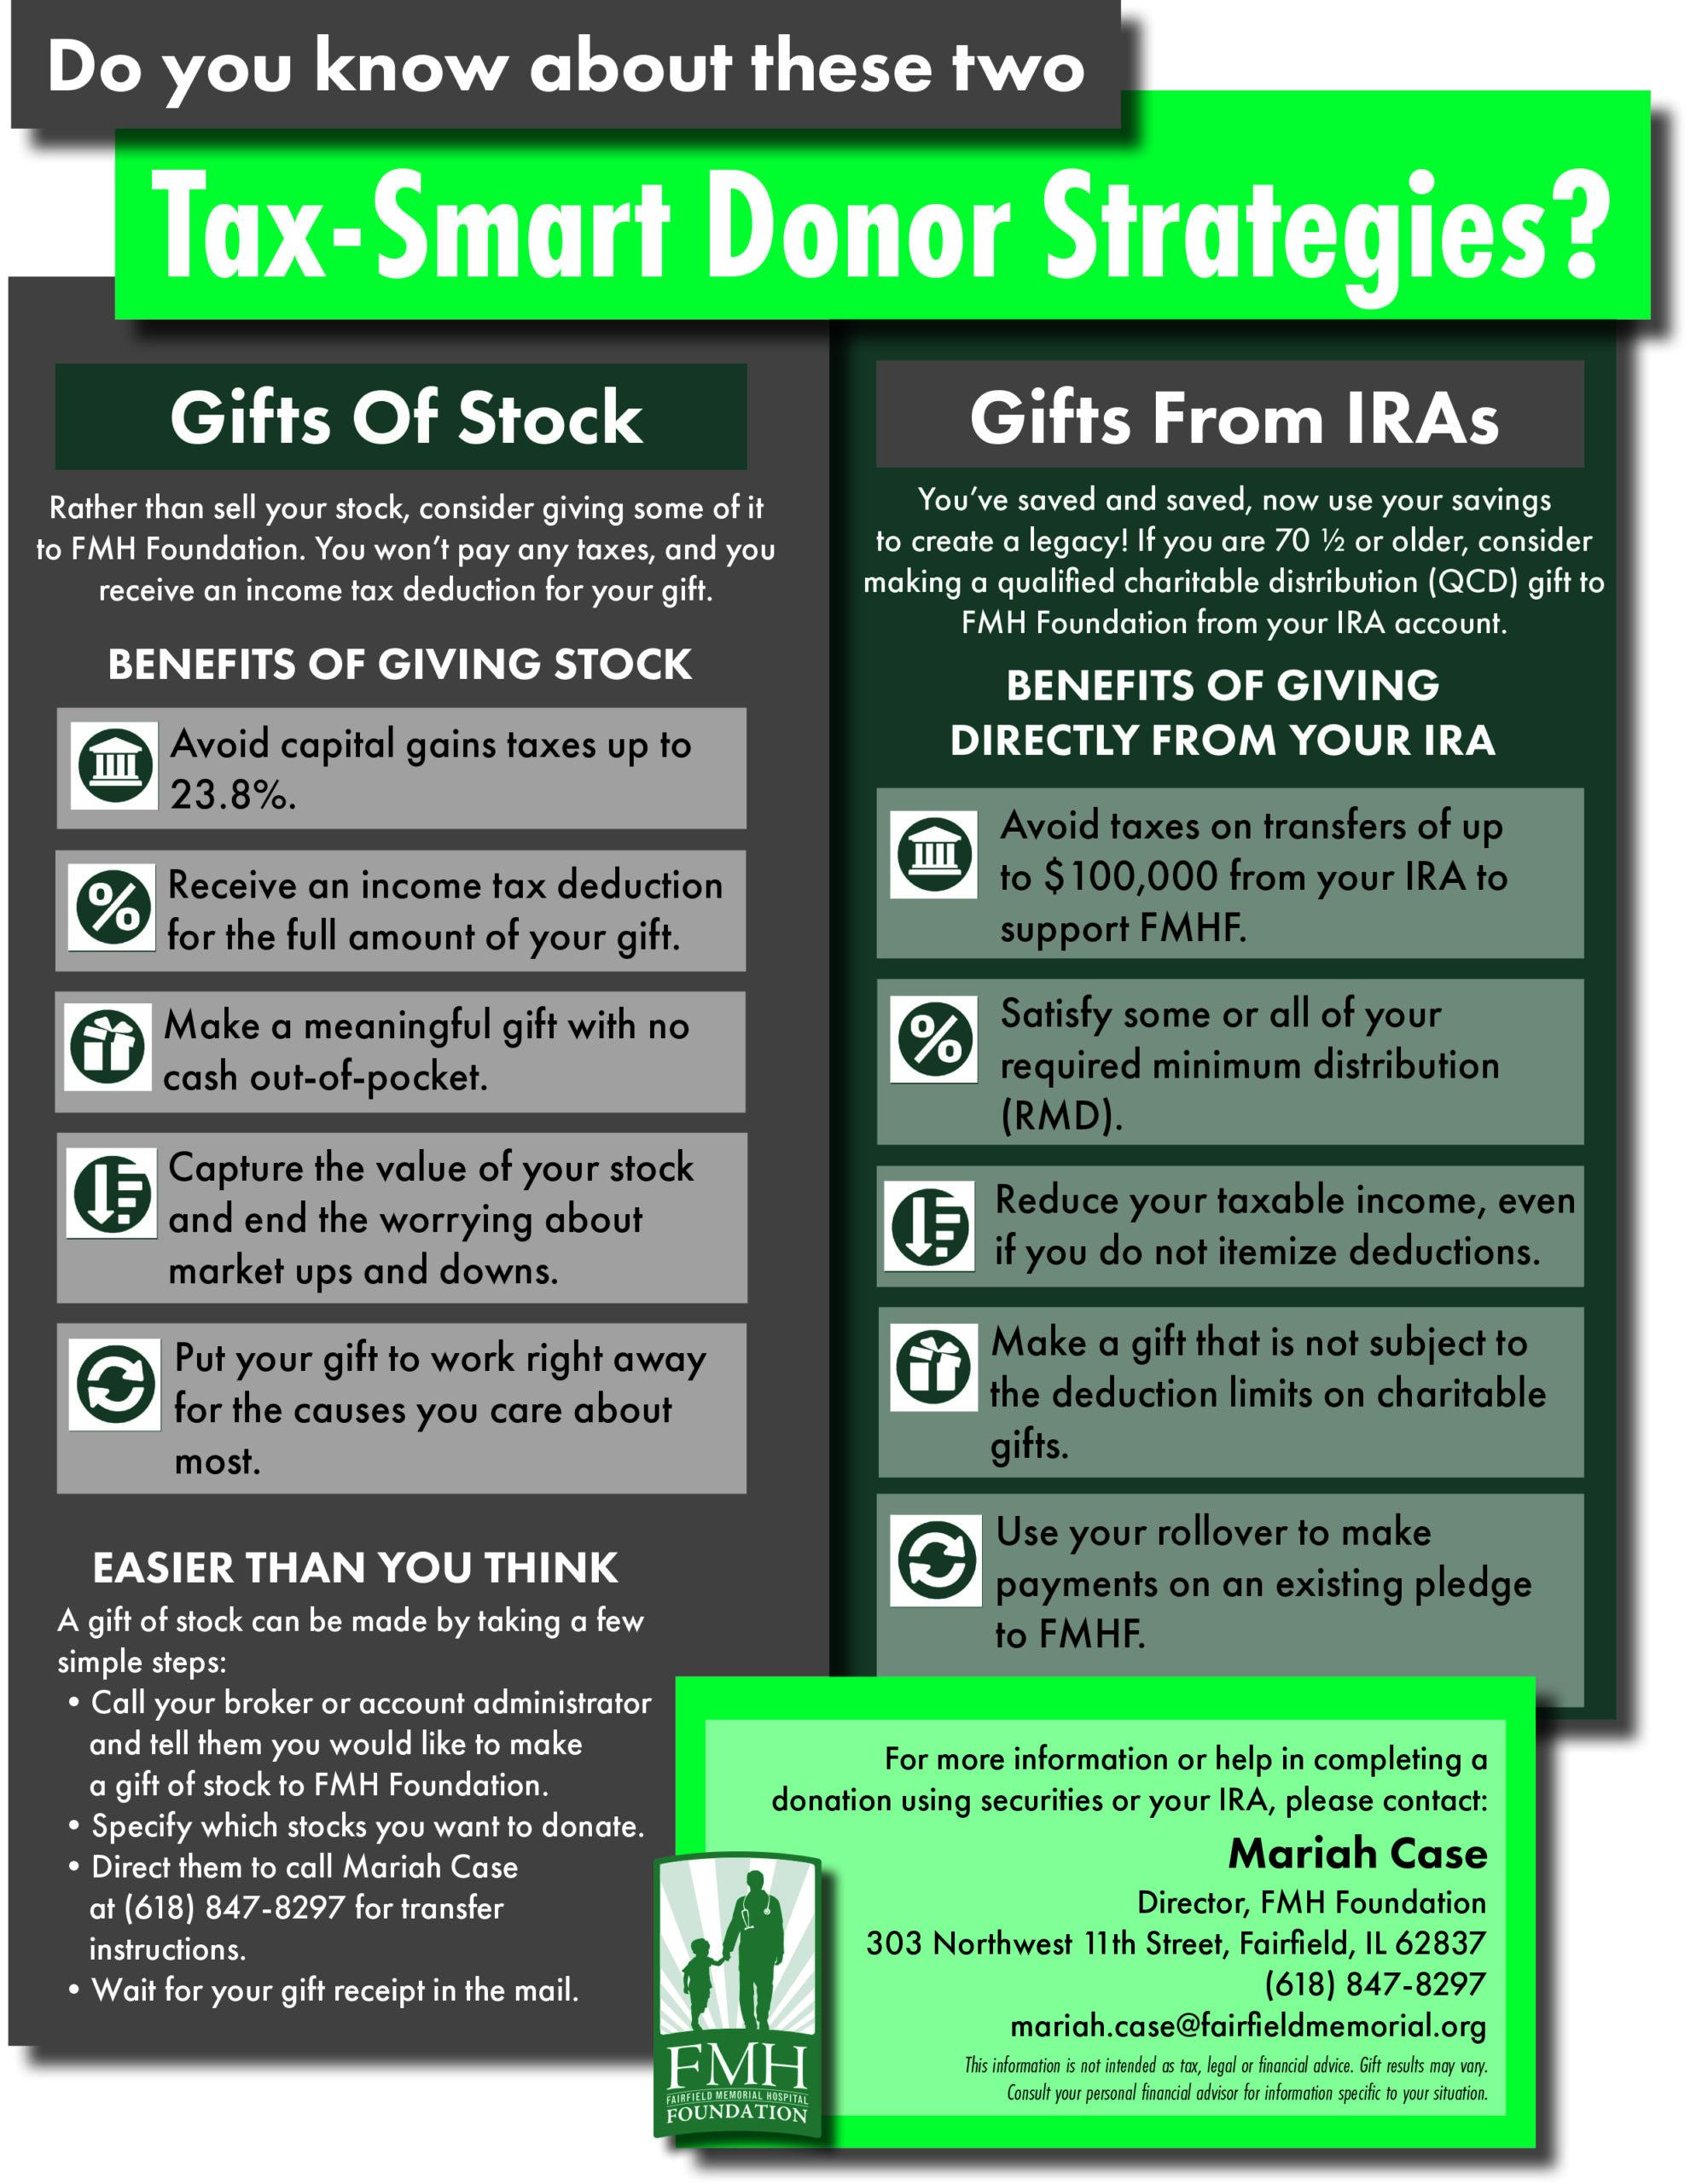 Tax-Smart Donor Strategies